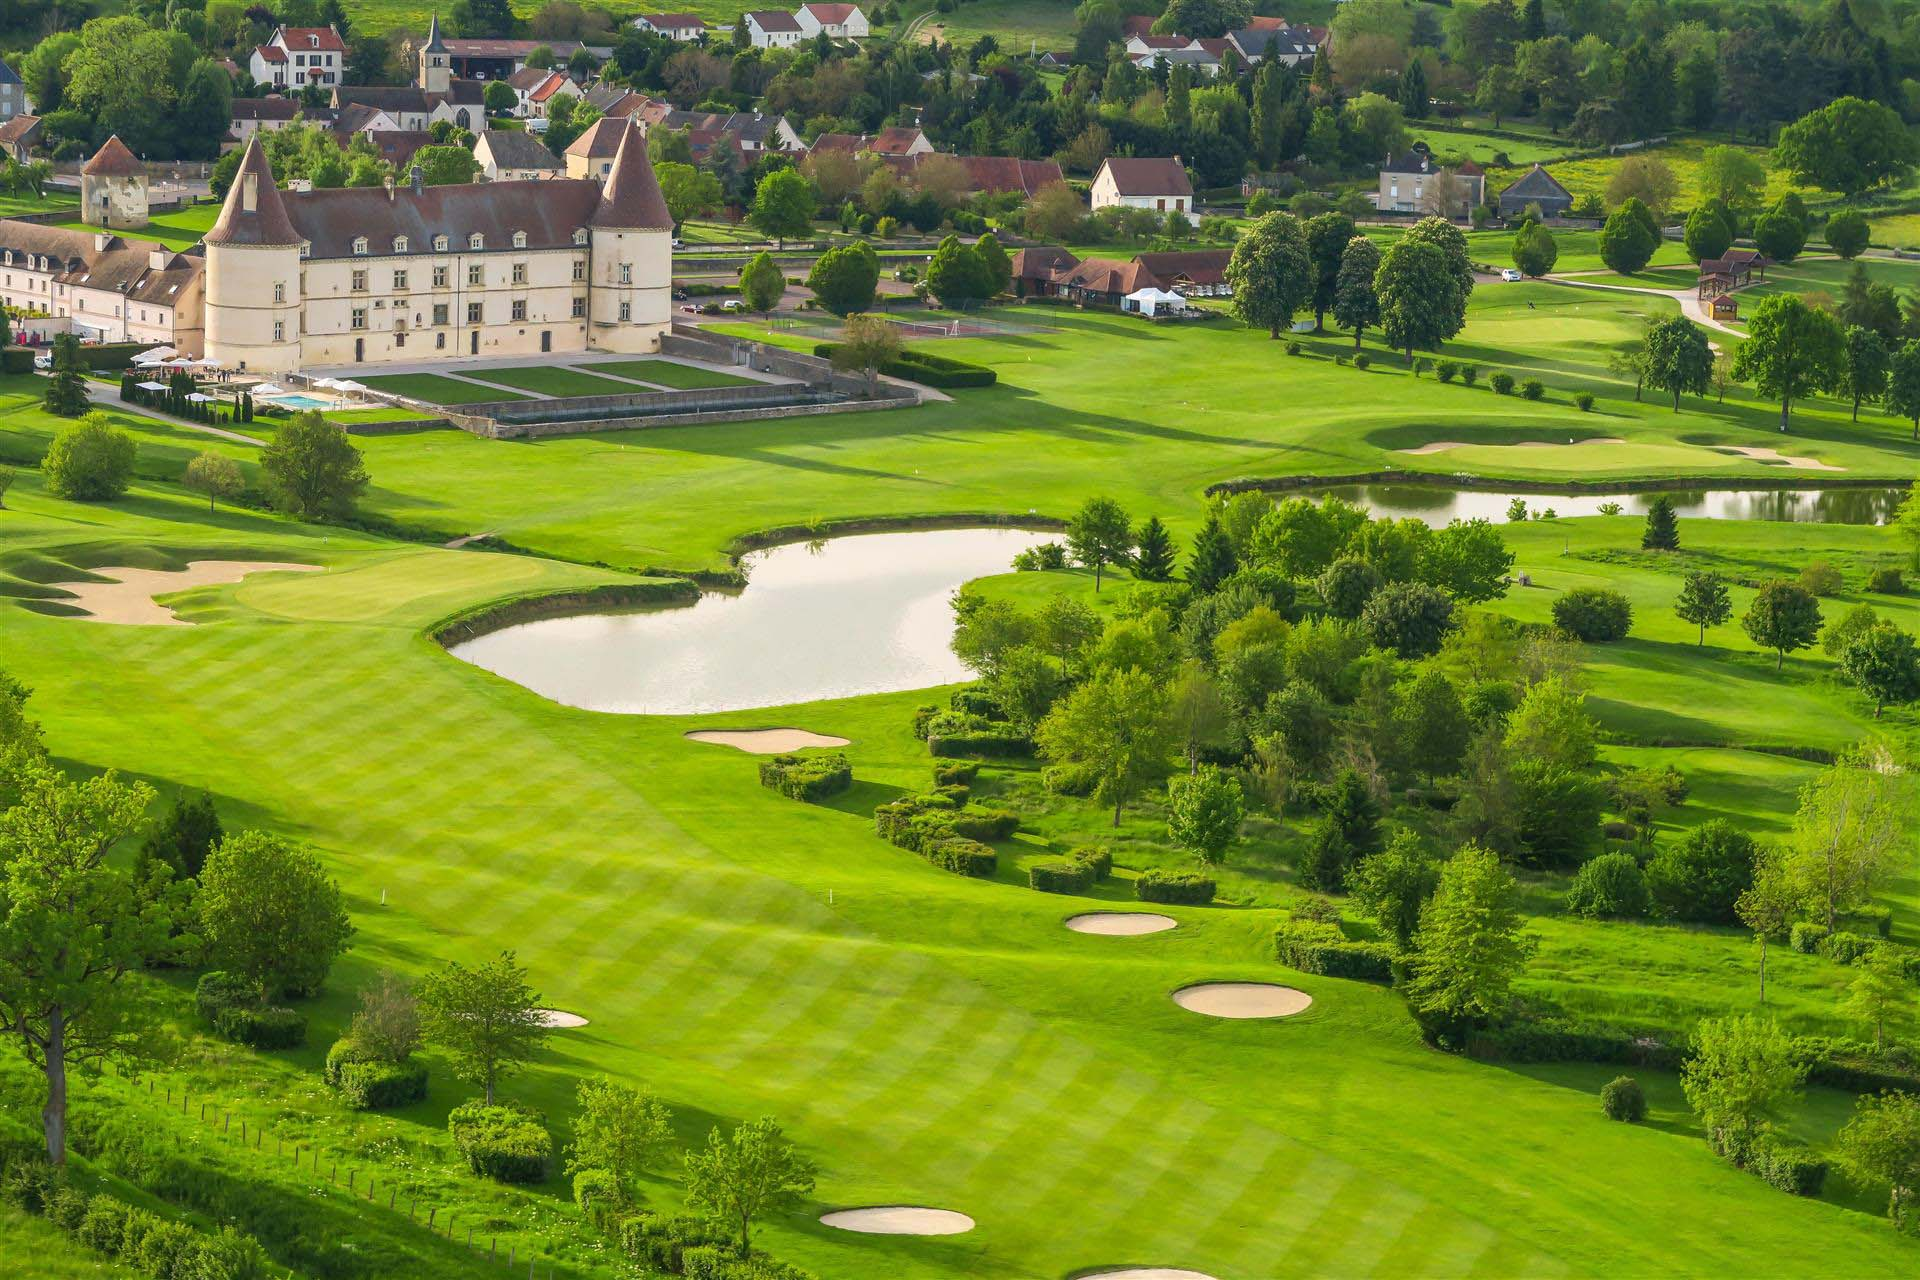 Le château de Chailly et son golf